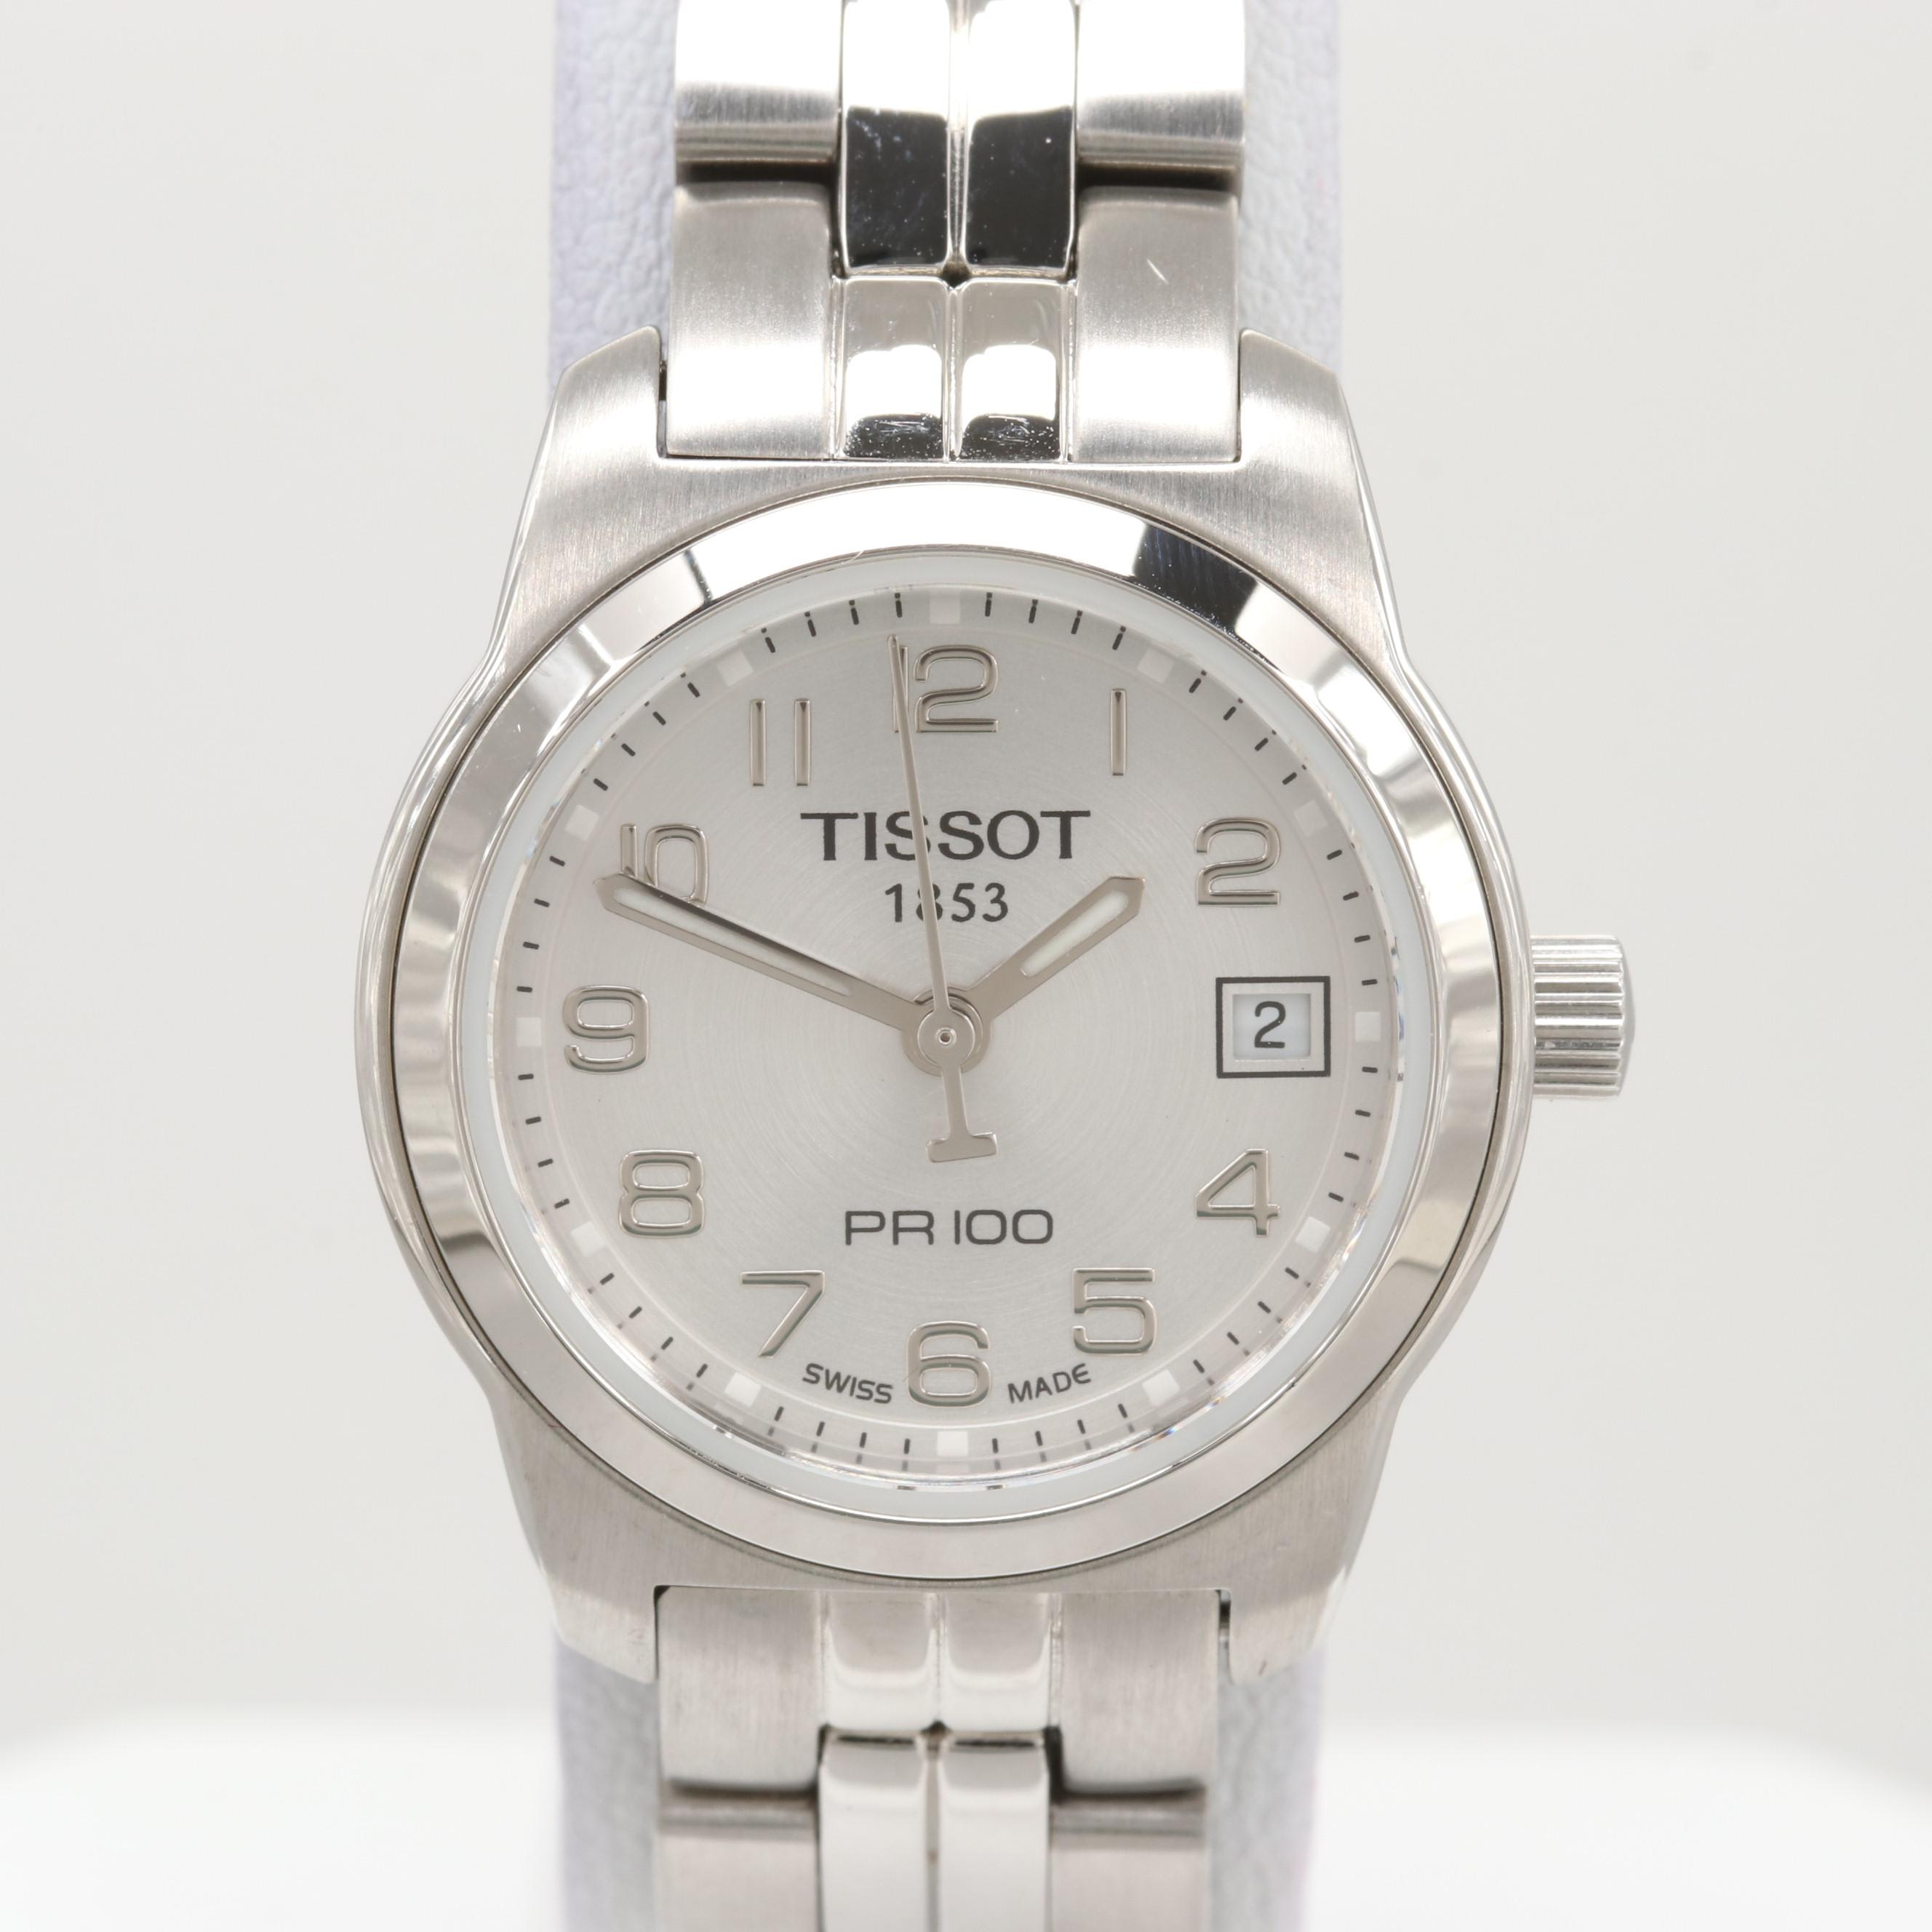 Tissot 1853 Pr100 Stainless Steel Quartz Wristwatch